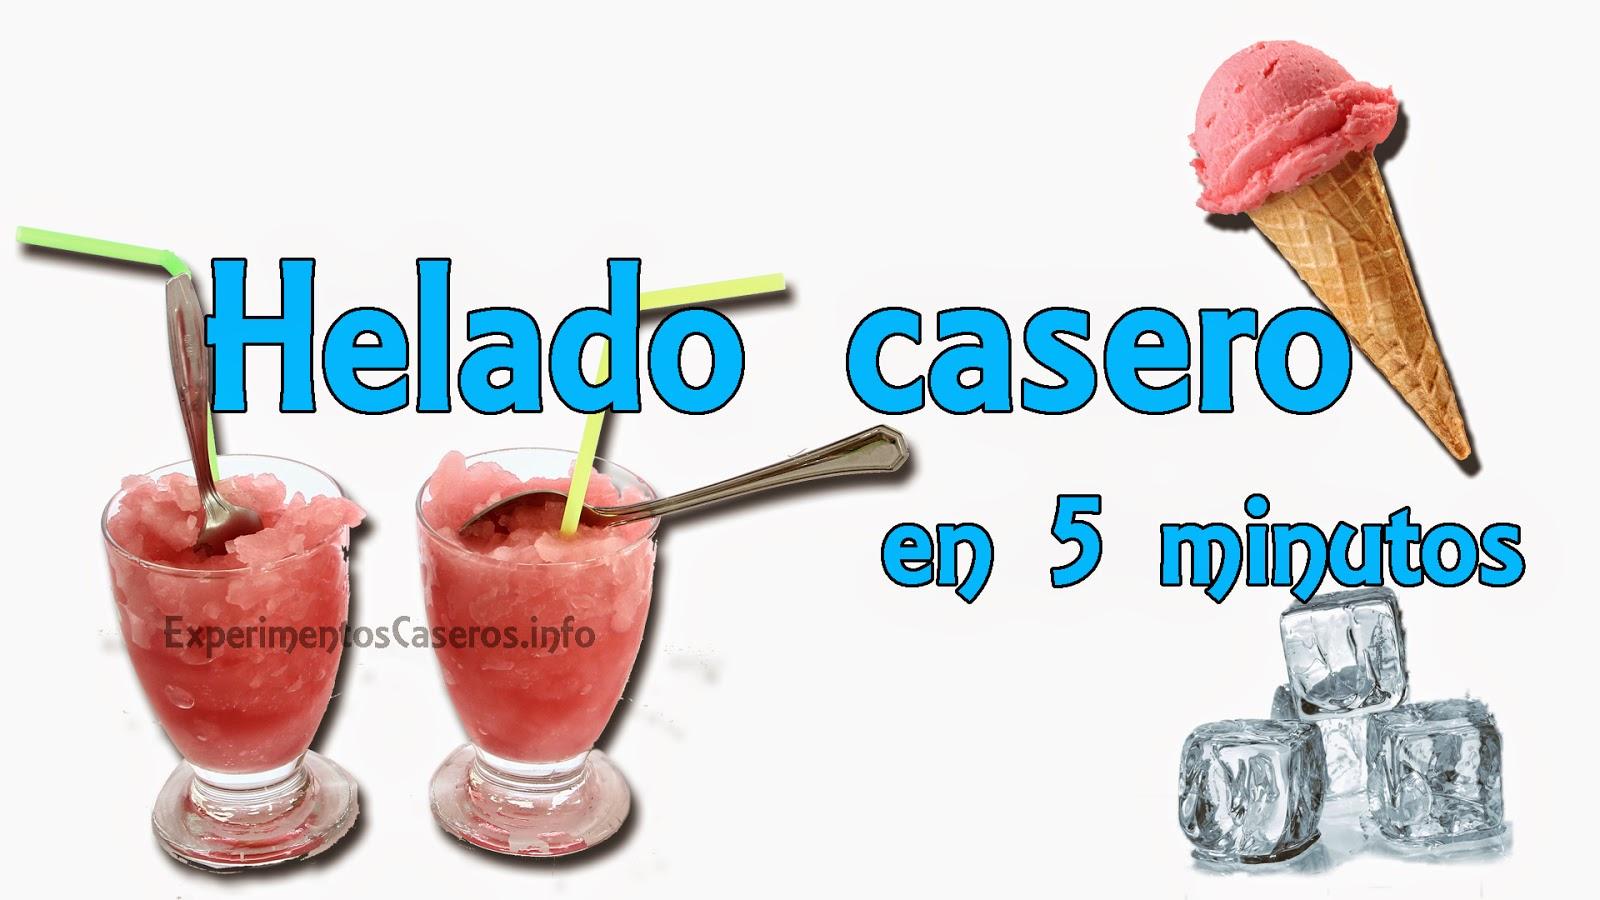 Cómo hacer un helado casero en 5 minutos, experimentos caseros, helado casero, inventos, helado y sal, hielo y sal, experimento hielo y sal, experimentos, experimento, invento, inventos, inventos caseros, inventos sencillos, experimentos sencillos, experimentos para niños, inventos para niños, helado, helado en casa